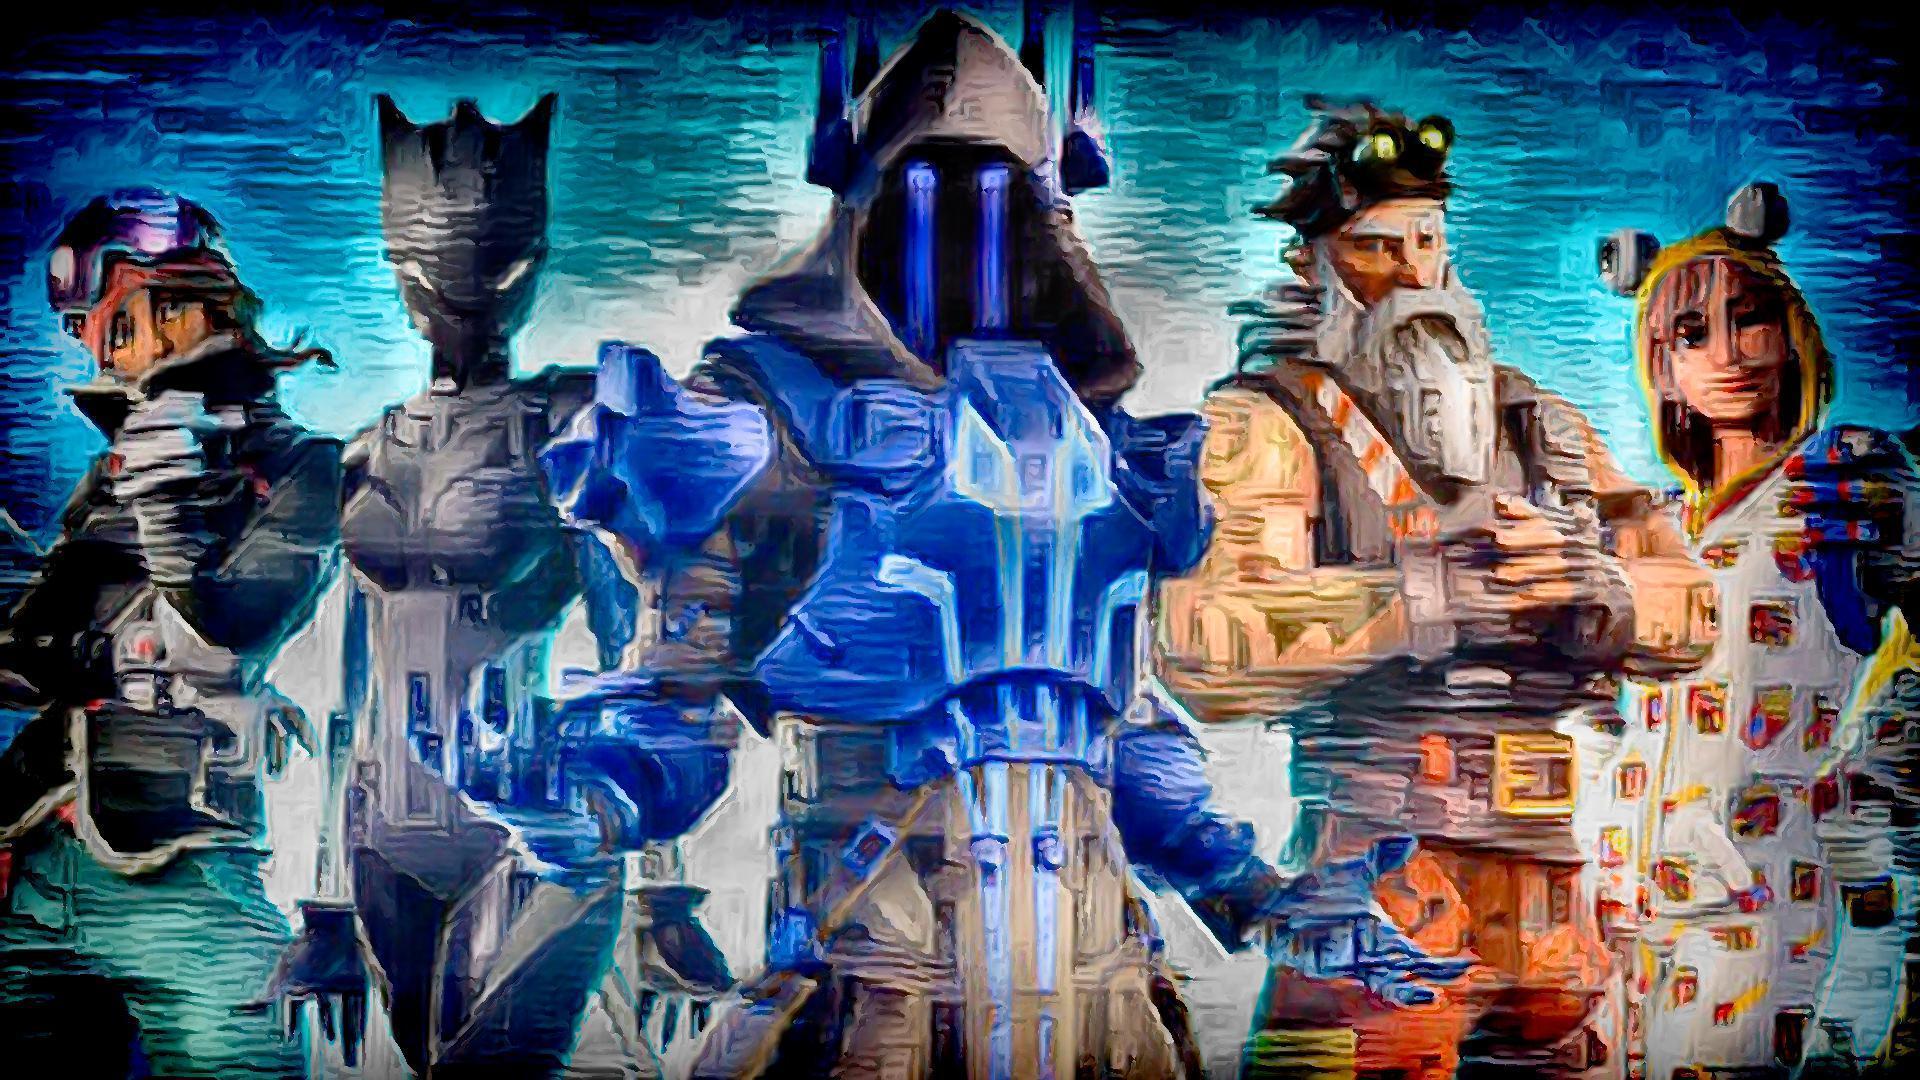 Fortnite Season 7 Skins Lynx Wallpaper Fortnite Battle Royale 1920x1080